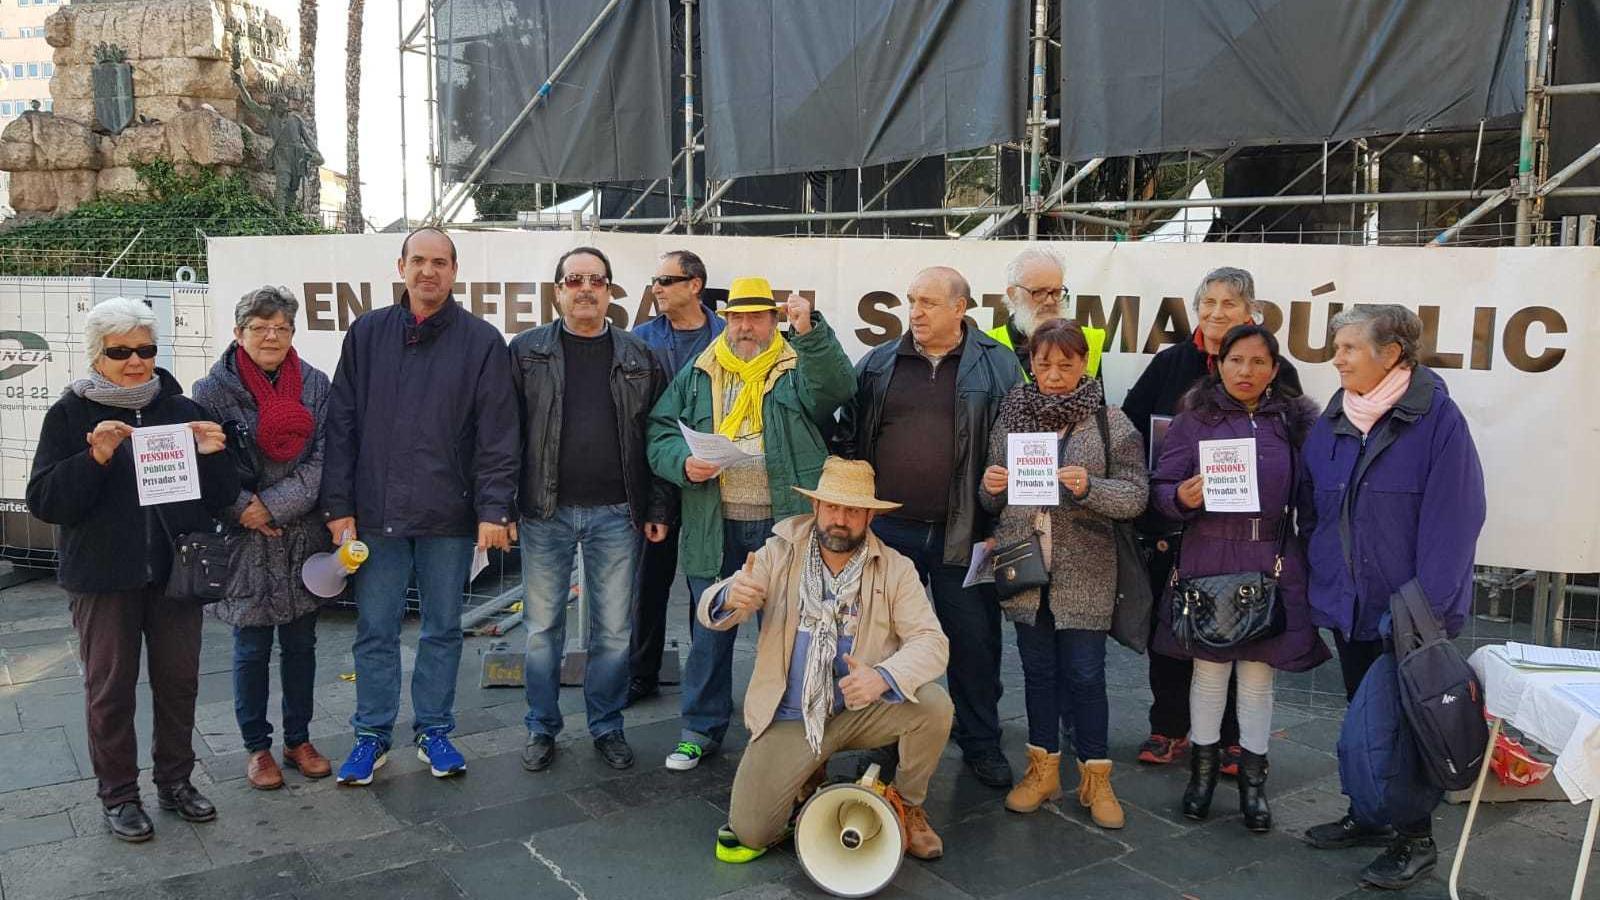 La protesta dels pensionistes s'ha dut a terme a la plaça d'Espanya